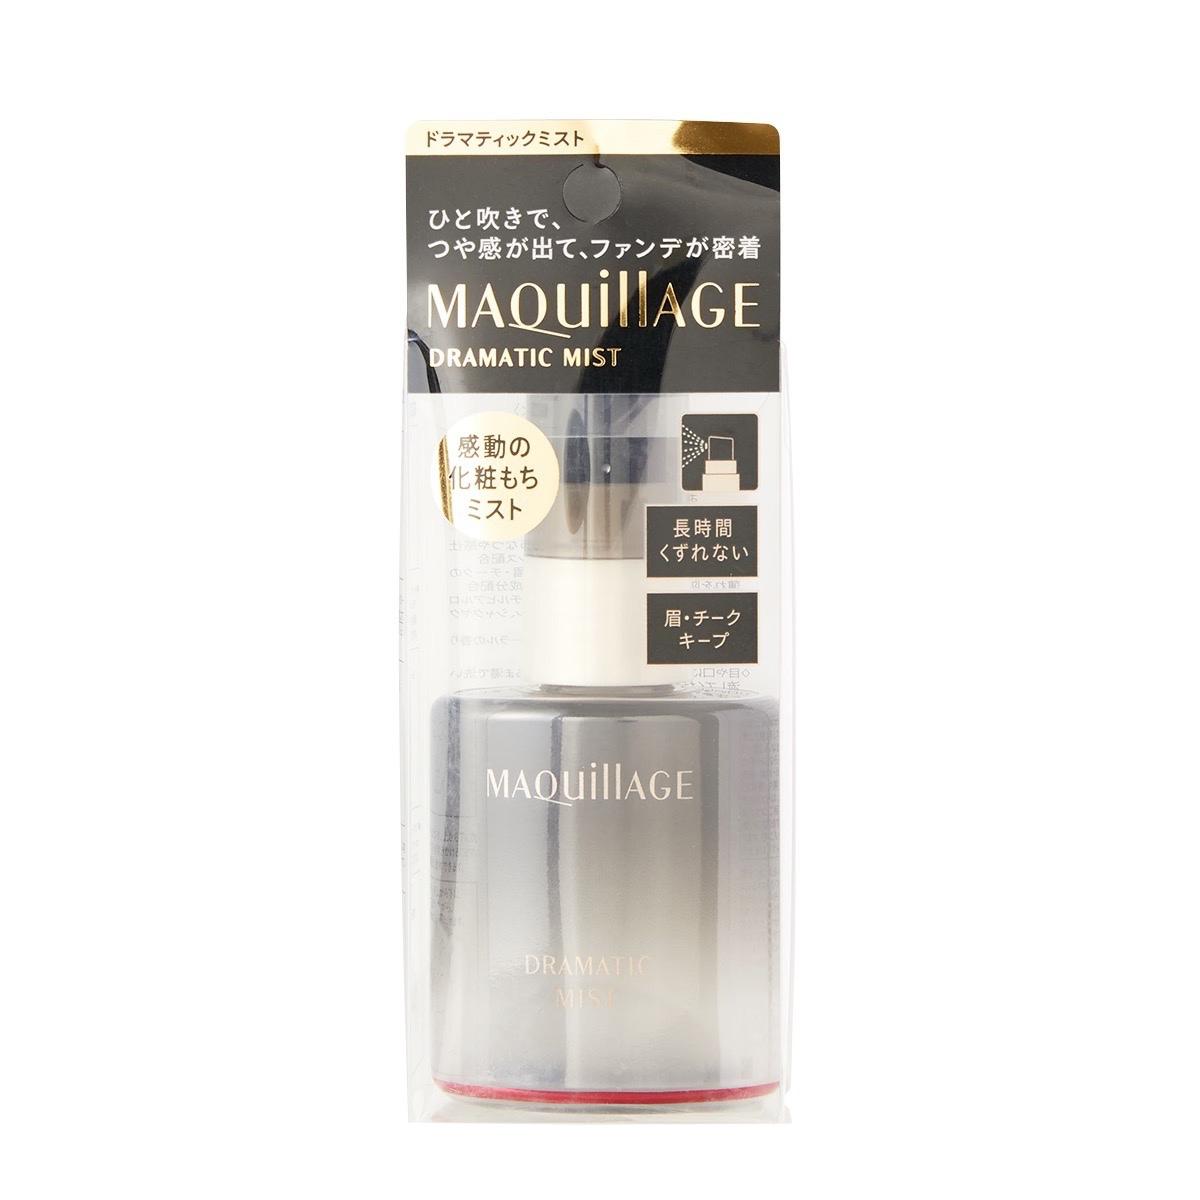 MAQuillAGE(マキアージュ)『ドラマティックミスト』の使用感をレポに関する画像4